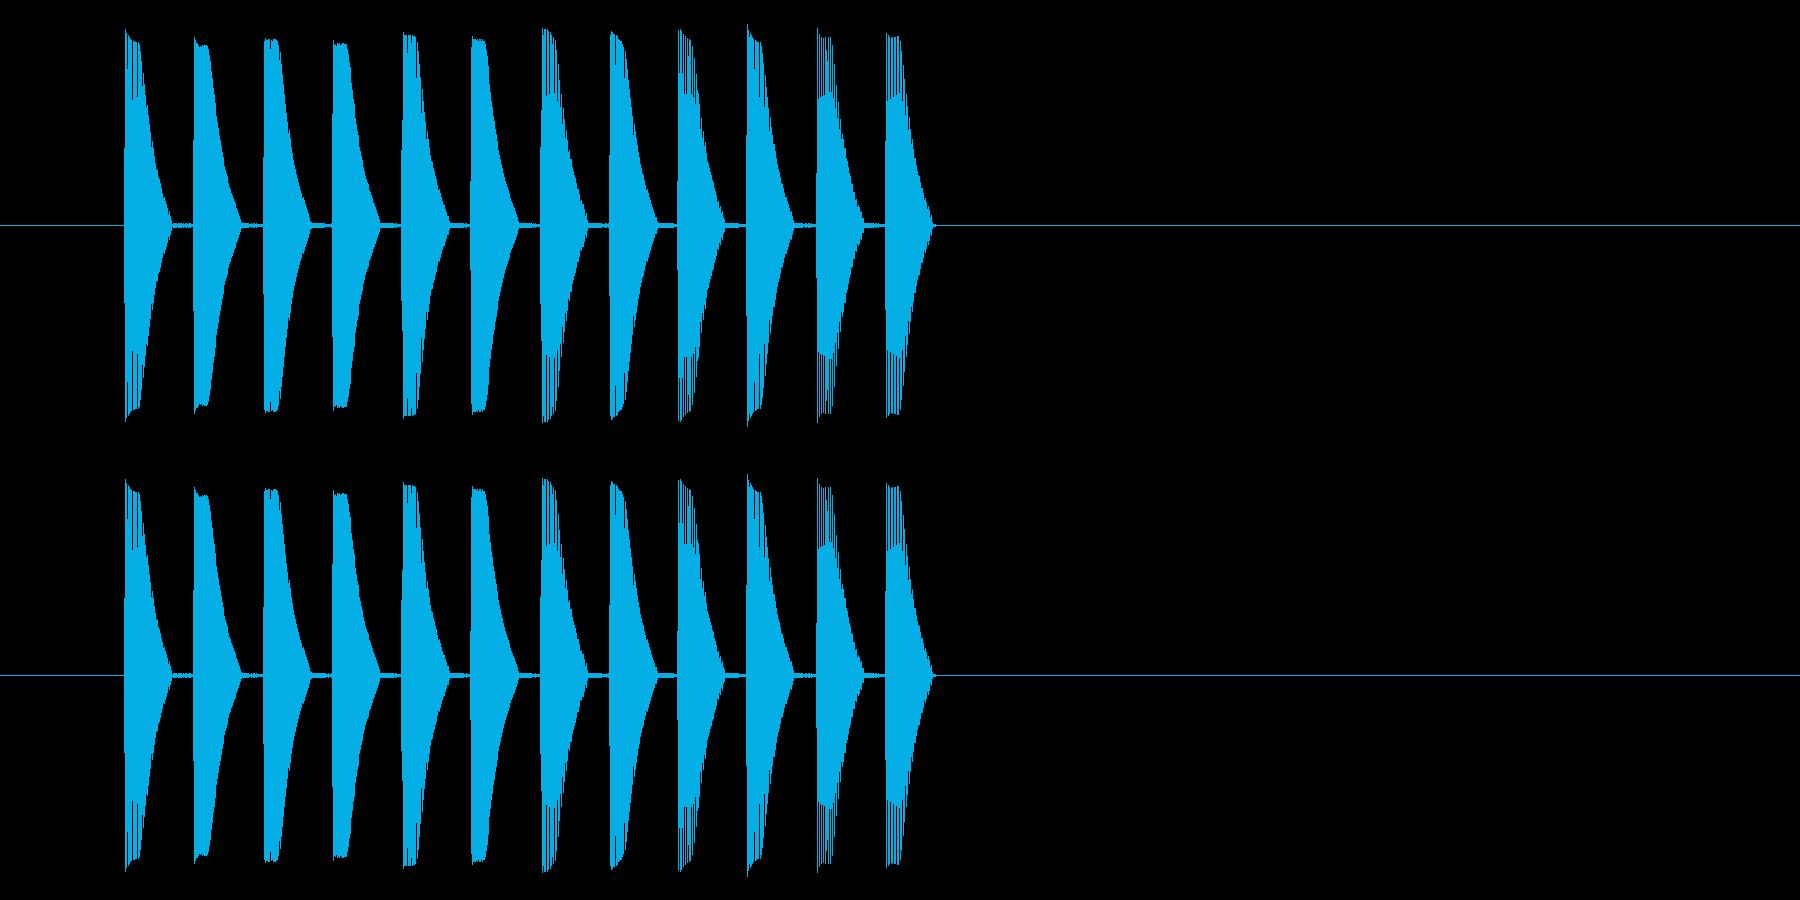 アーケード アクション01-5(ミス)の再生済みの波形